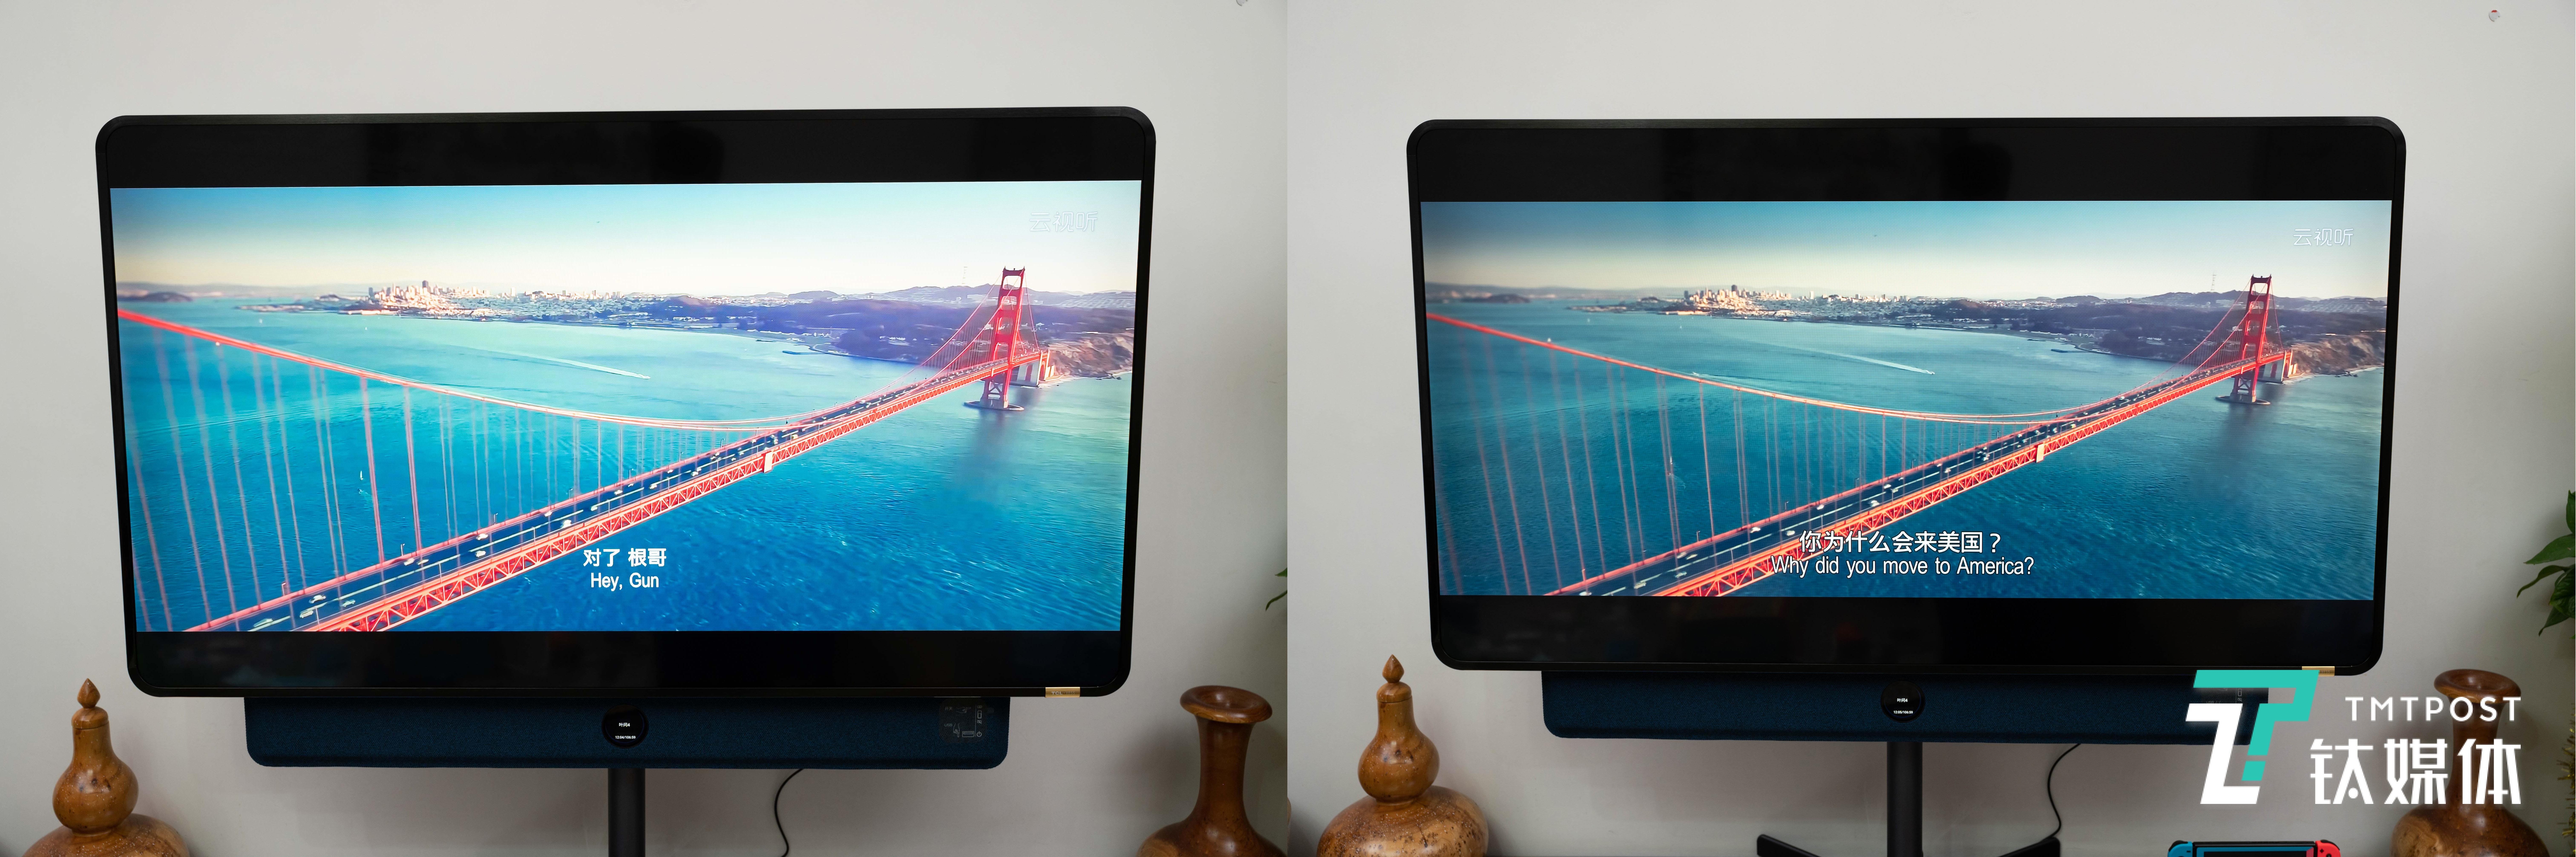 左为4K画质,右为杜比视界